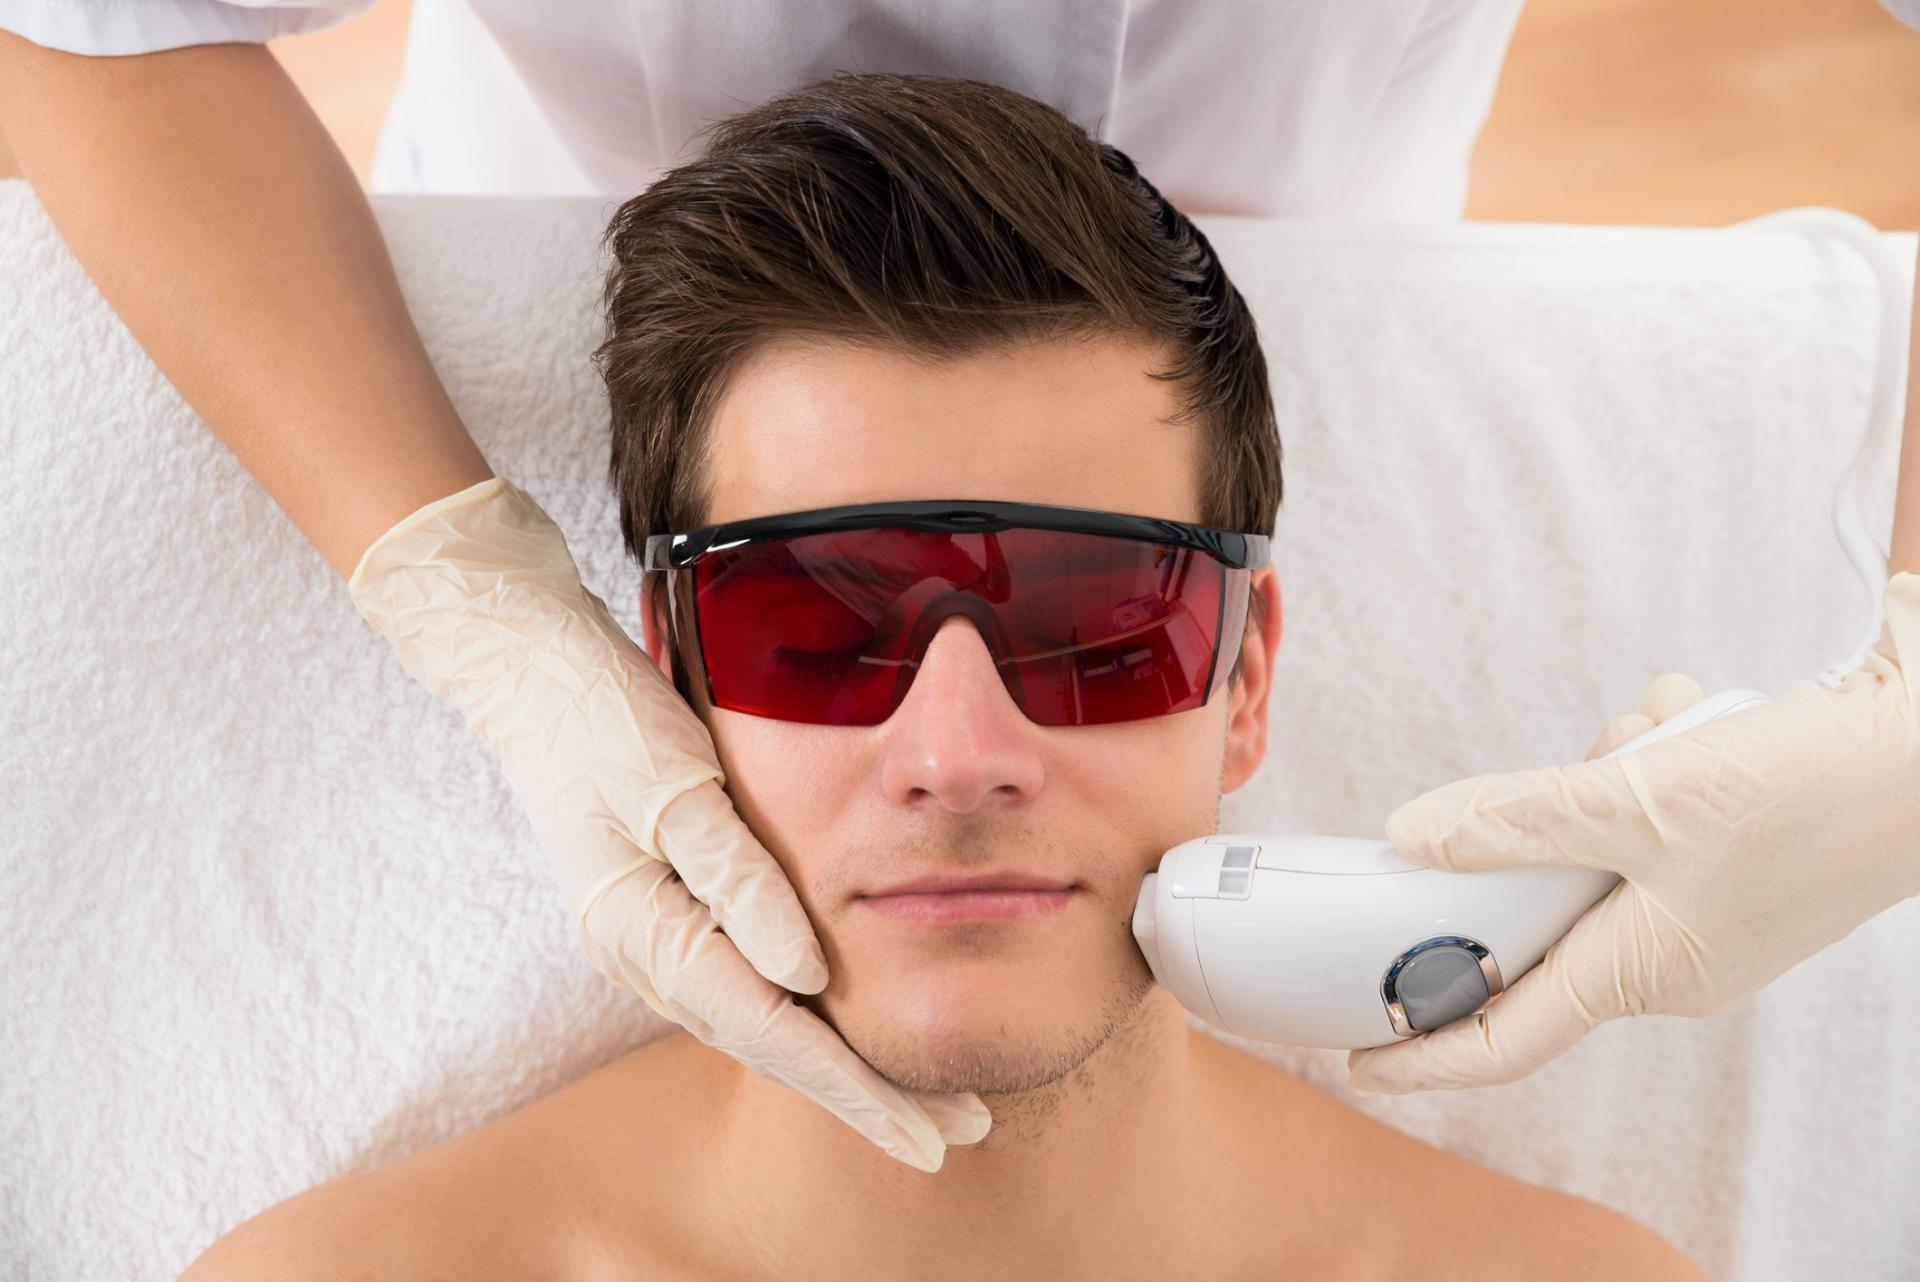 Эффективные решения популярной проблемы: удаление волос на лице картинки